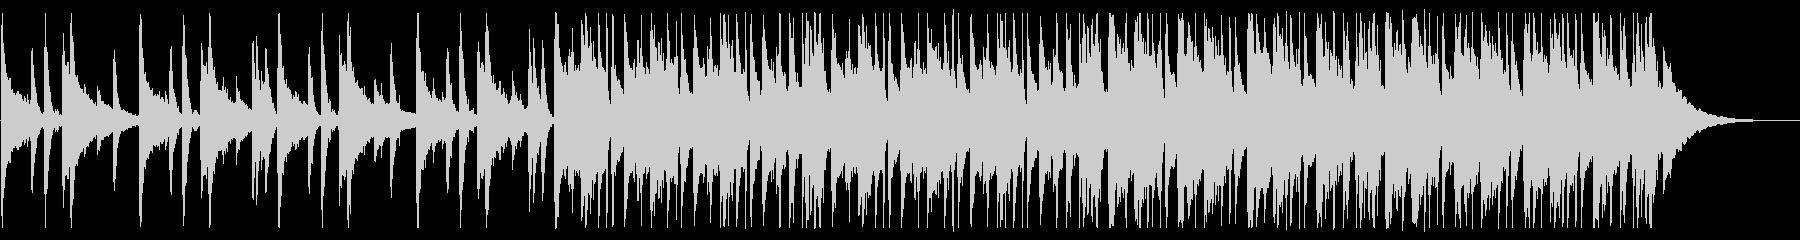 懐かしい雰囲気のチルR&B_2の未再生の波形